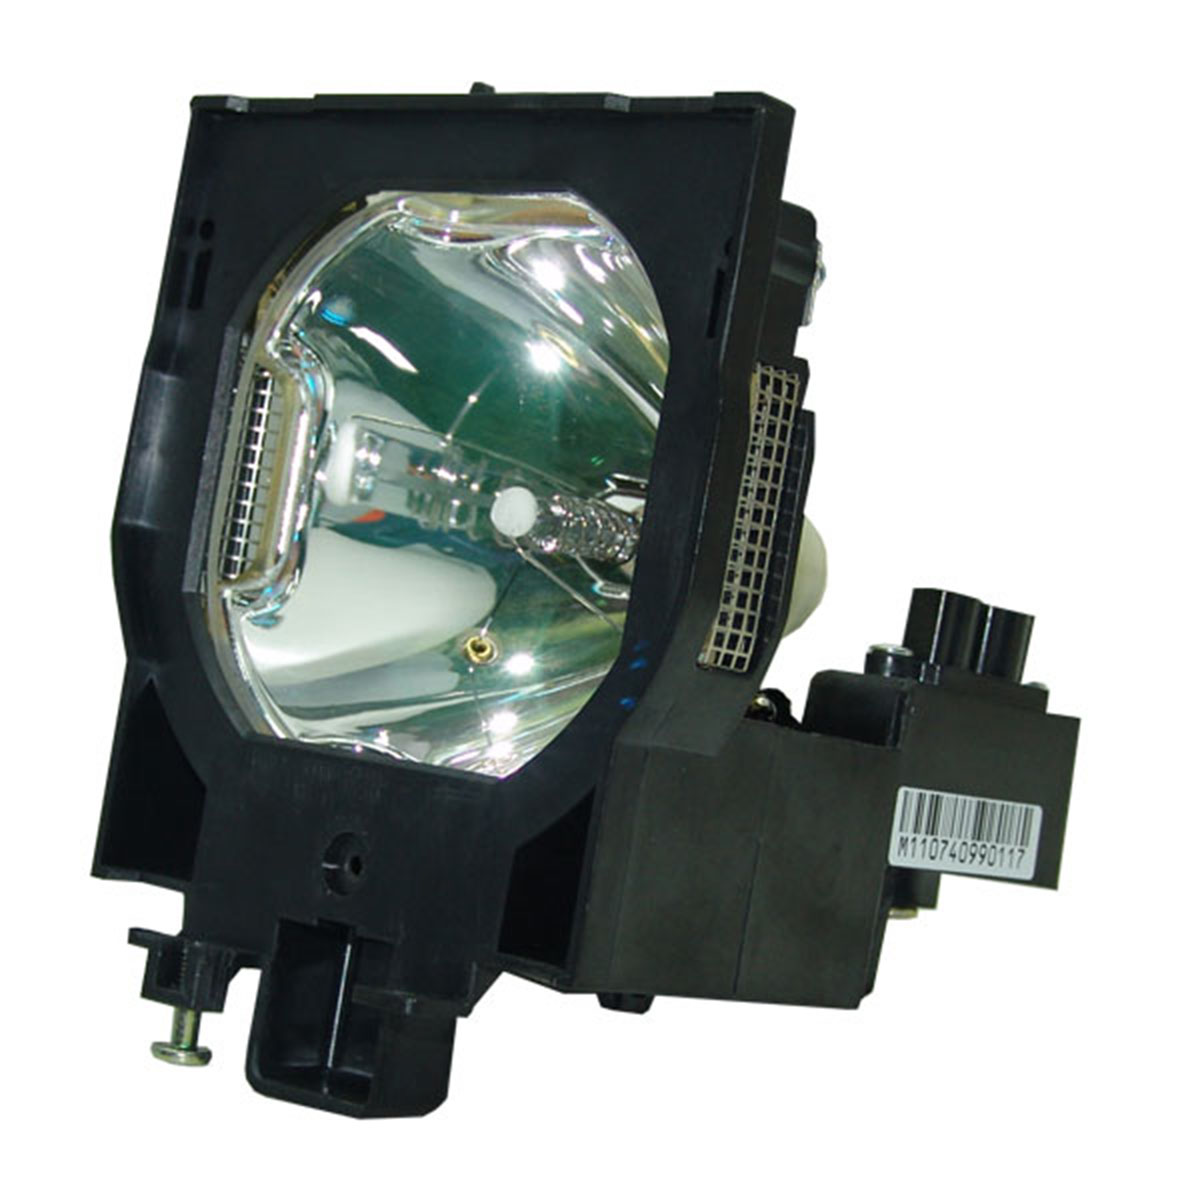 Panasonic ET-SLMP100 FP Lamp